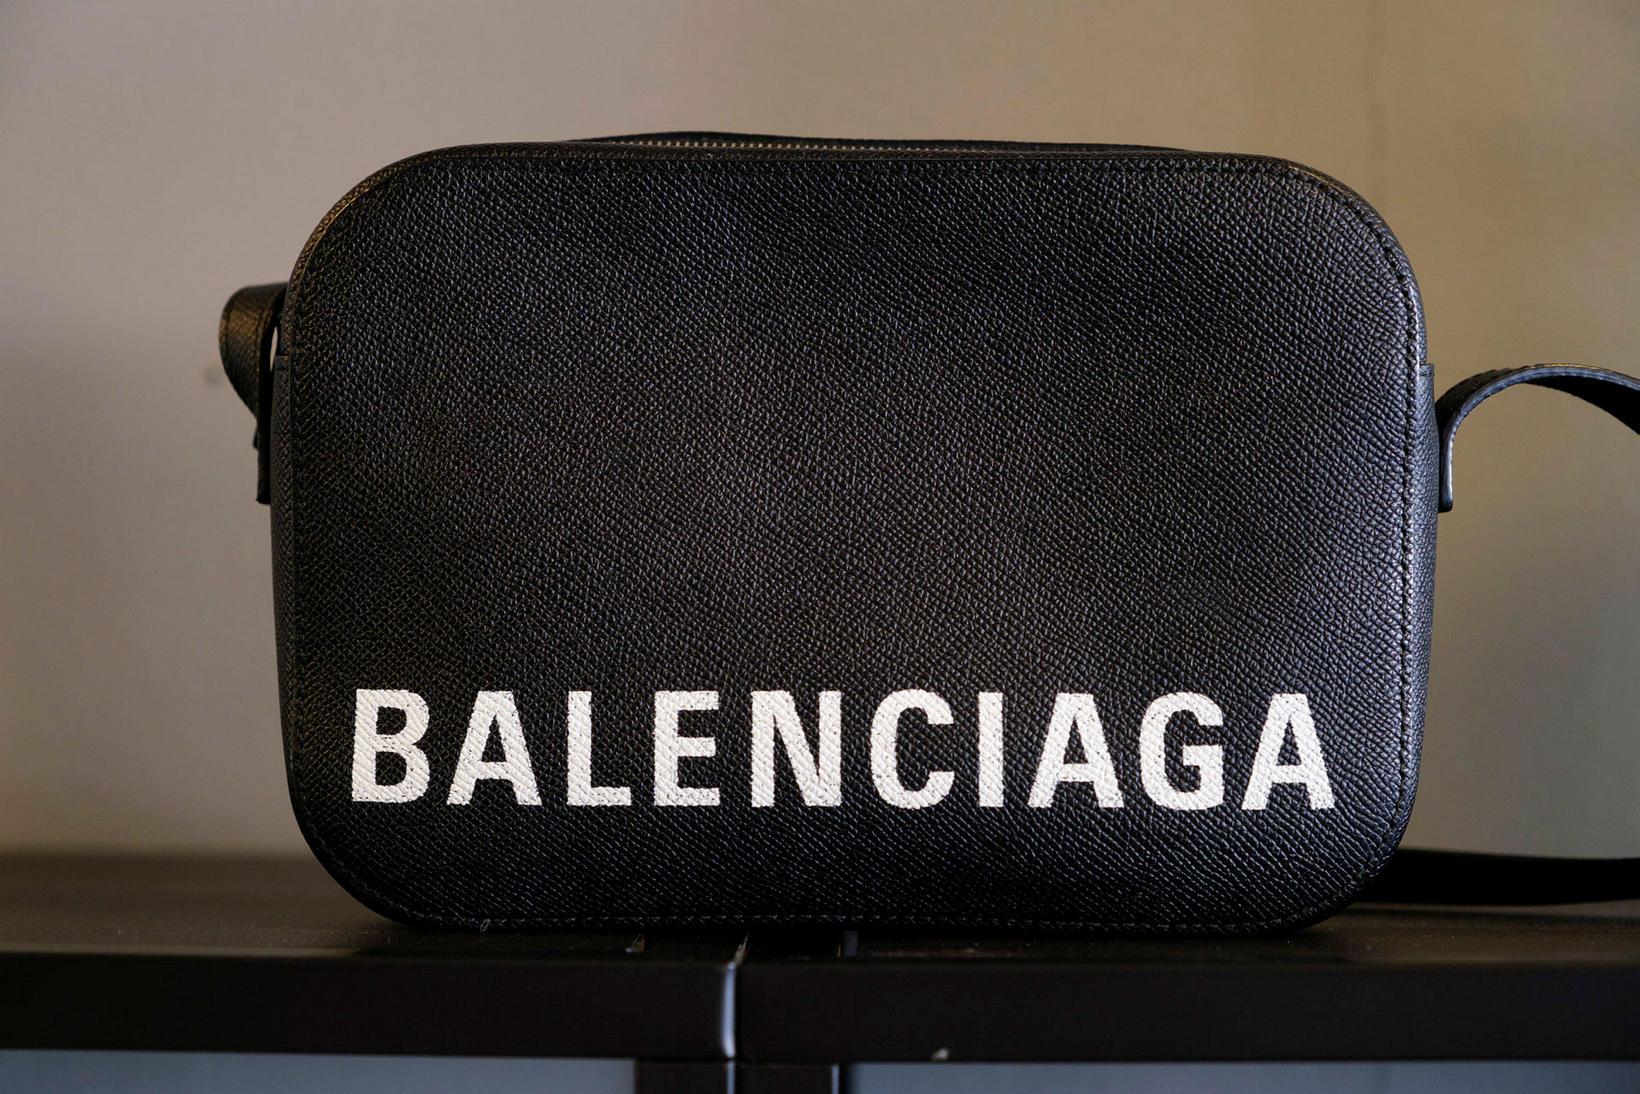 Notuð Balenciaga Camera Bag er til sölu í Attikk.